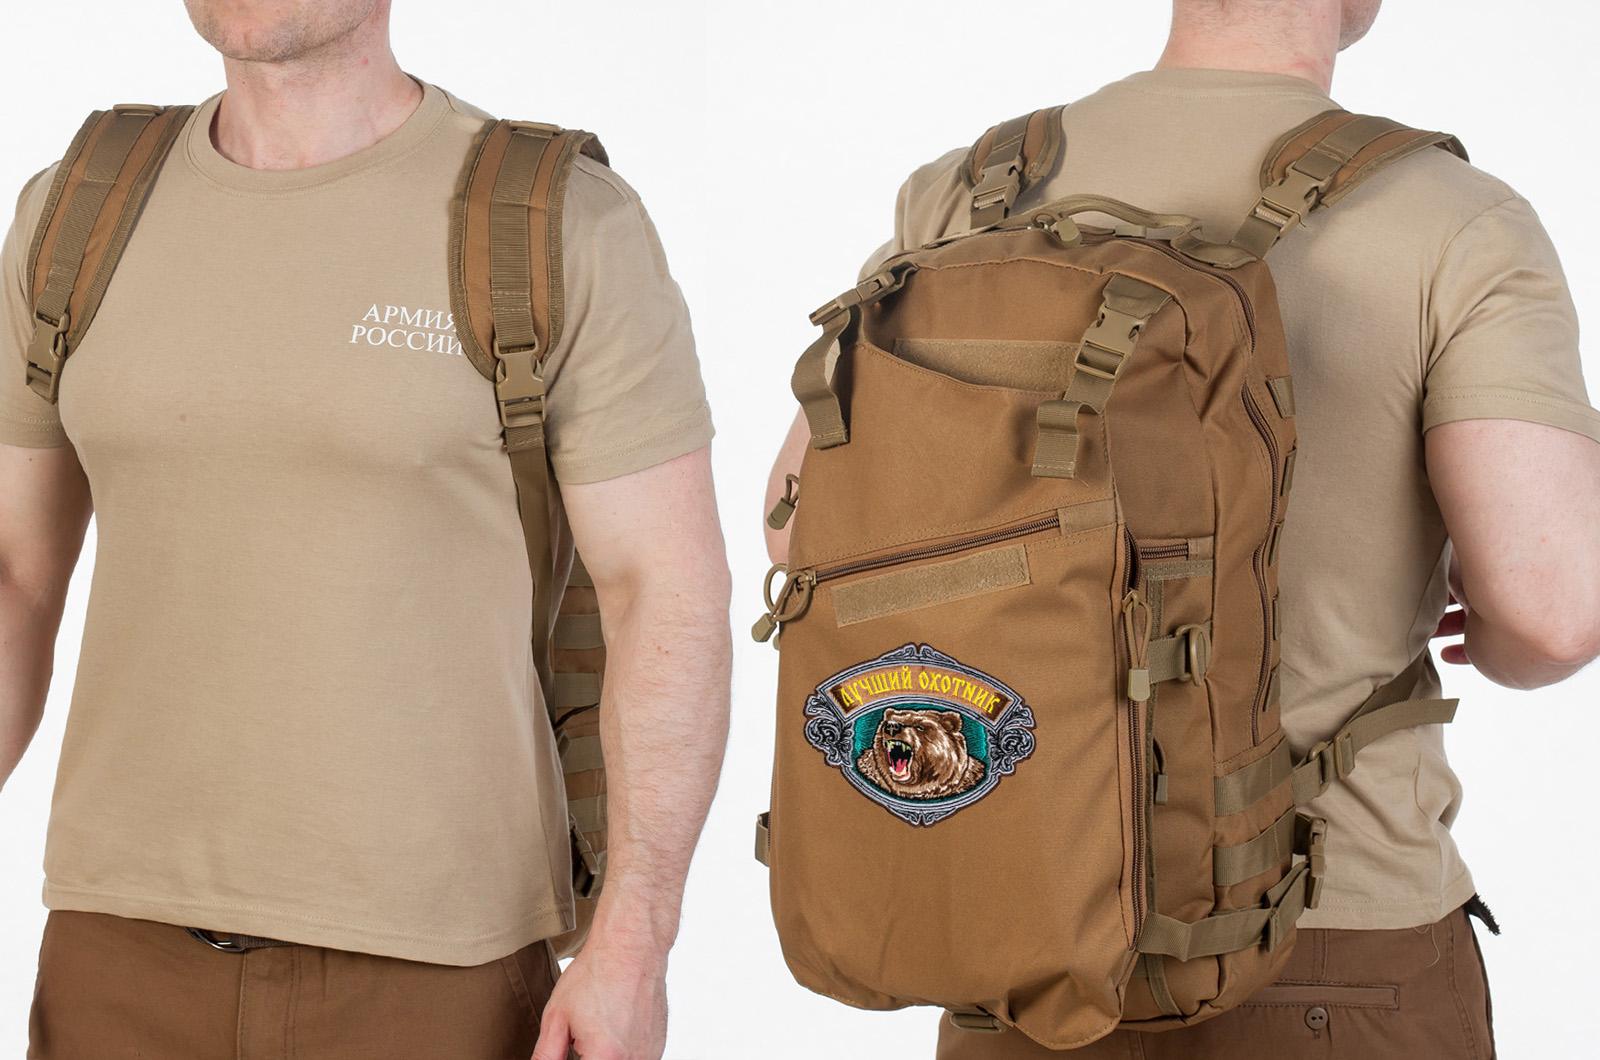 Зачетный рейдовый рюкзак с нашивкой Лучший Охотник - купить с доставкой